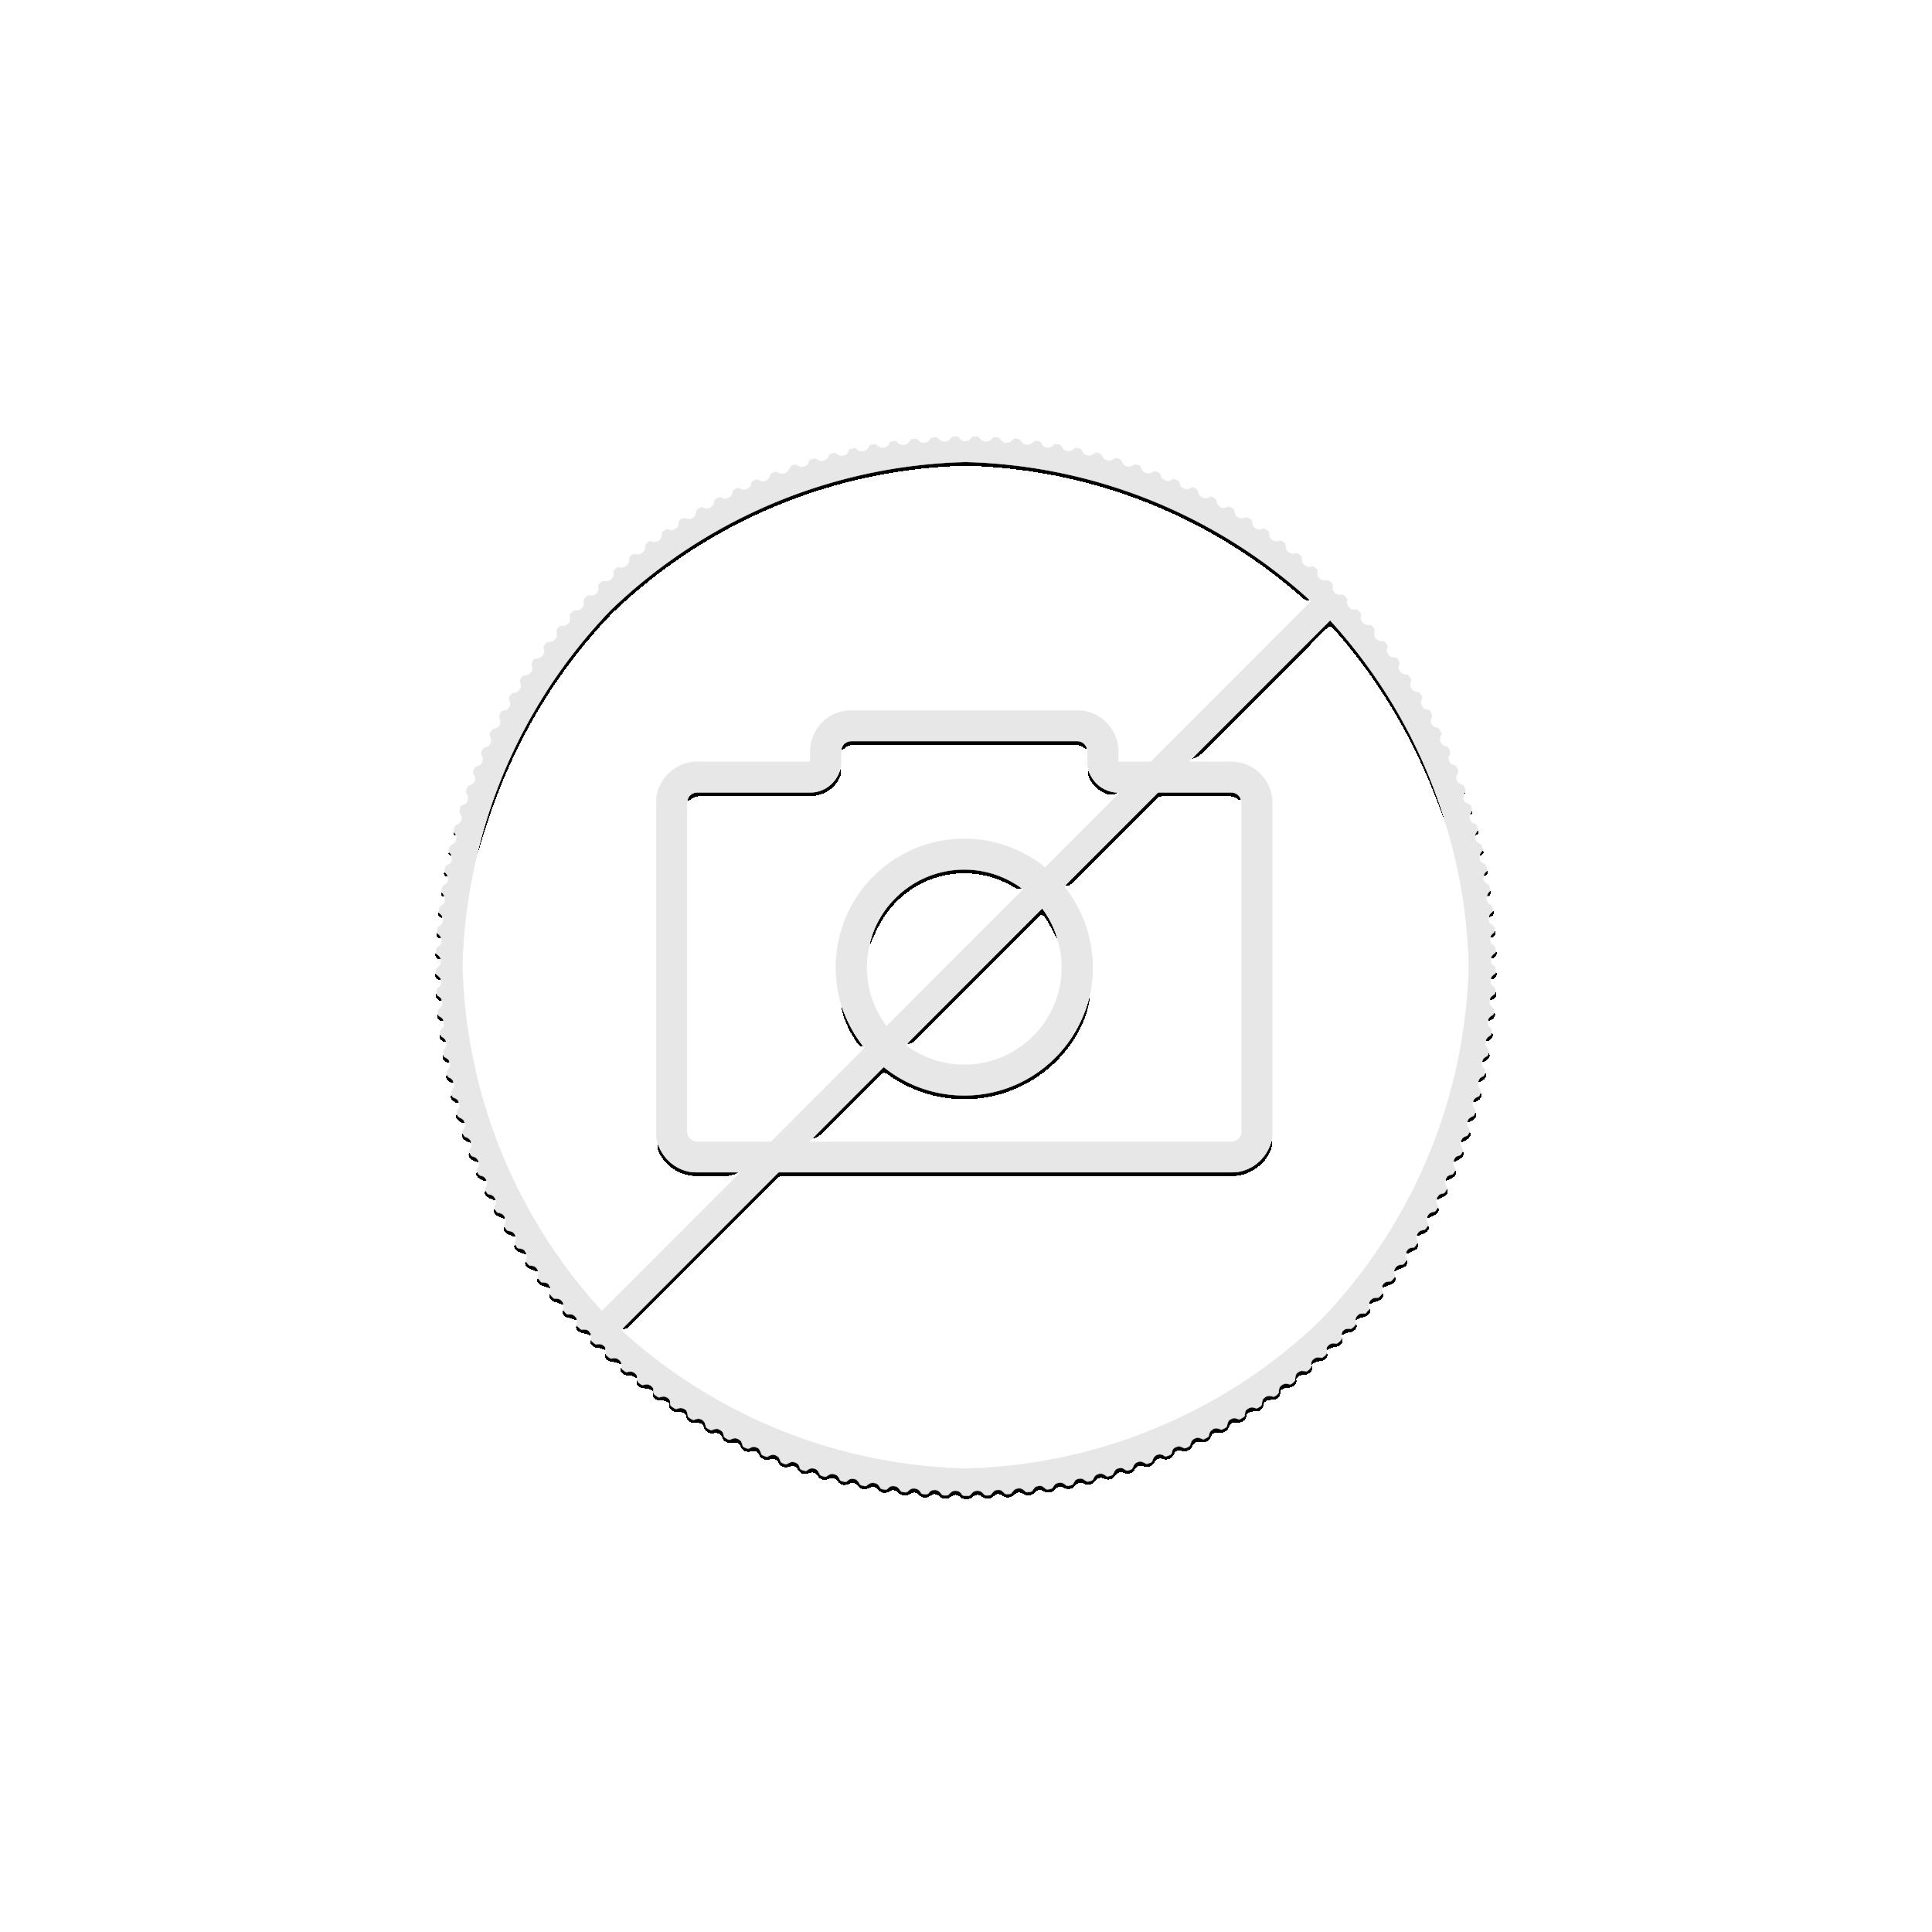 100 zilveren 50 gulden muntstukken